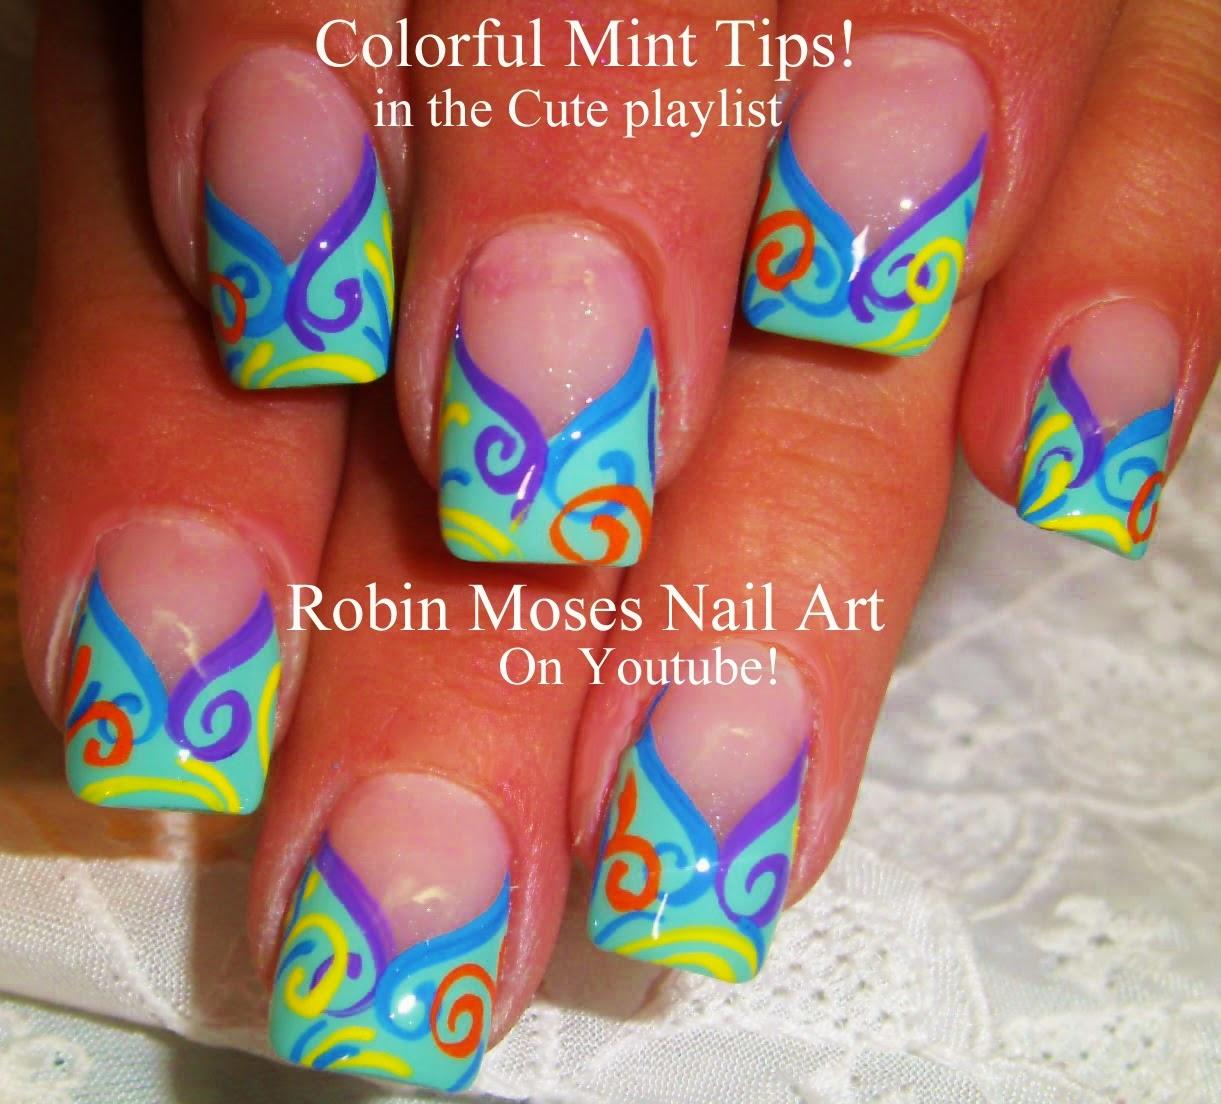 Robin Moses Nail Art: Easter Nail Art Design Tutorials For